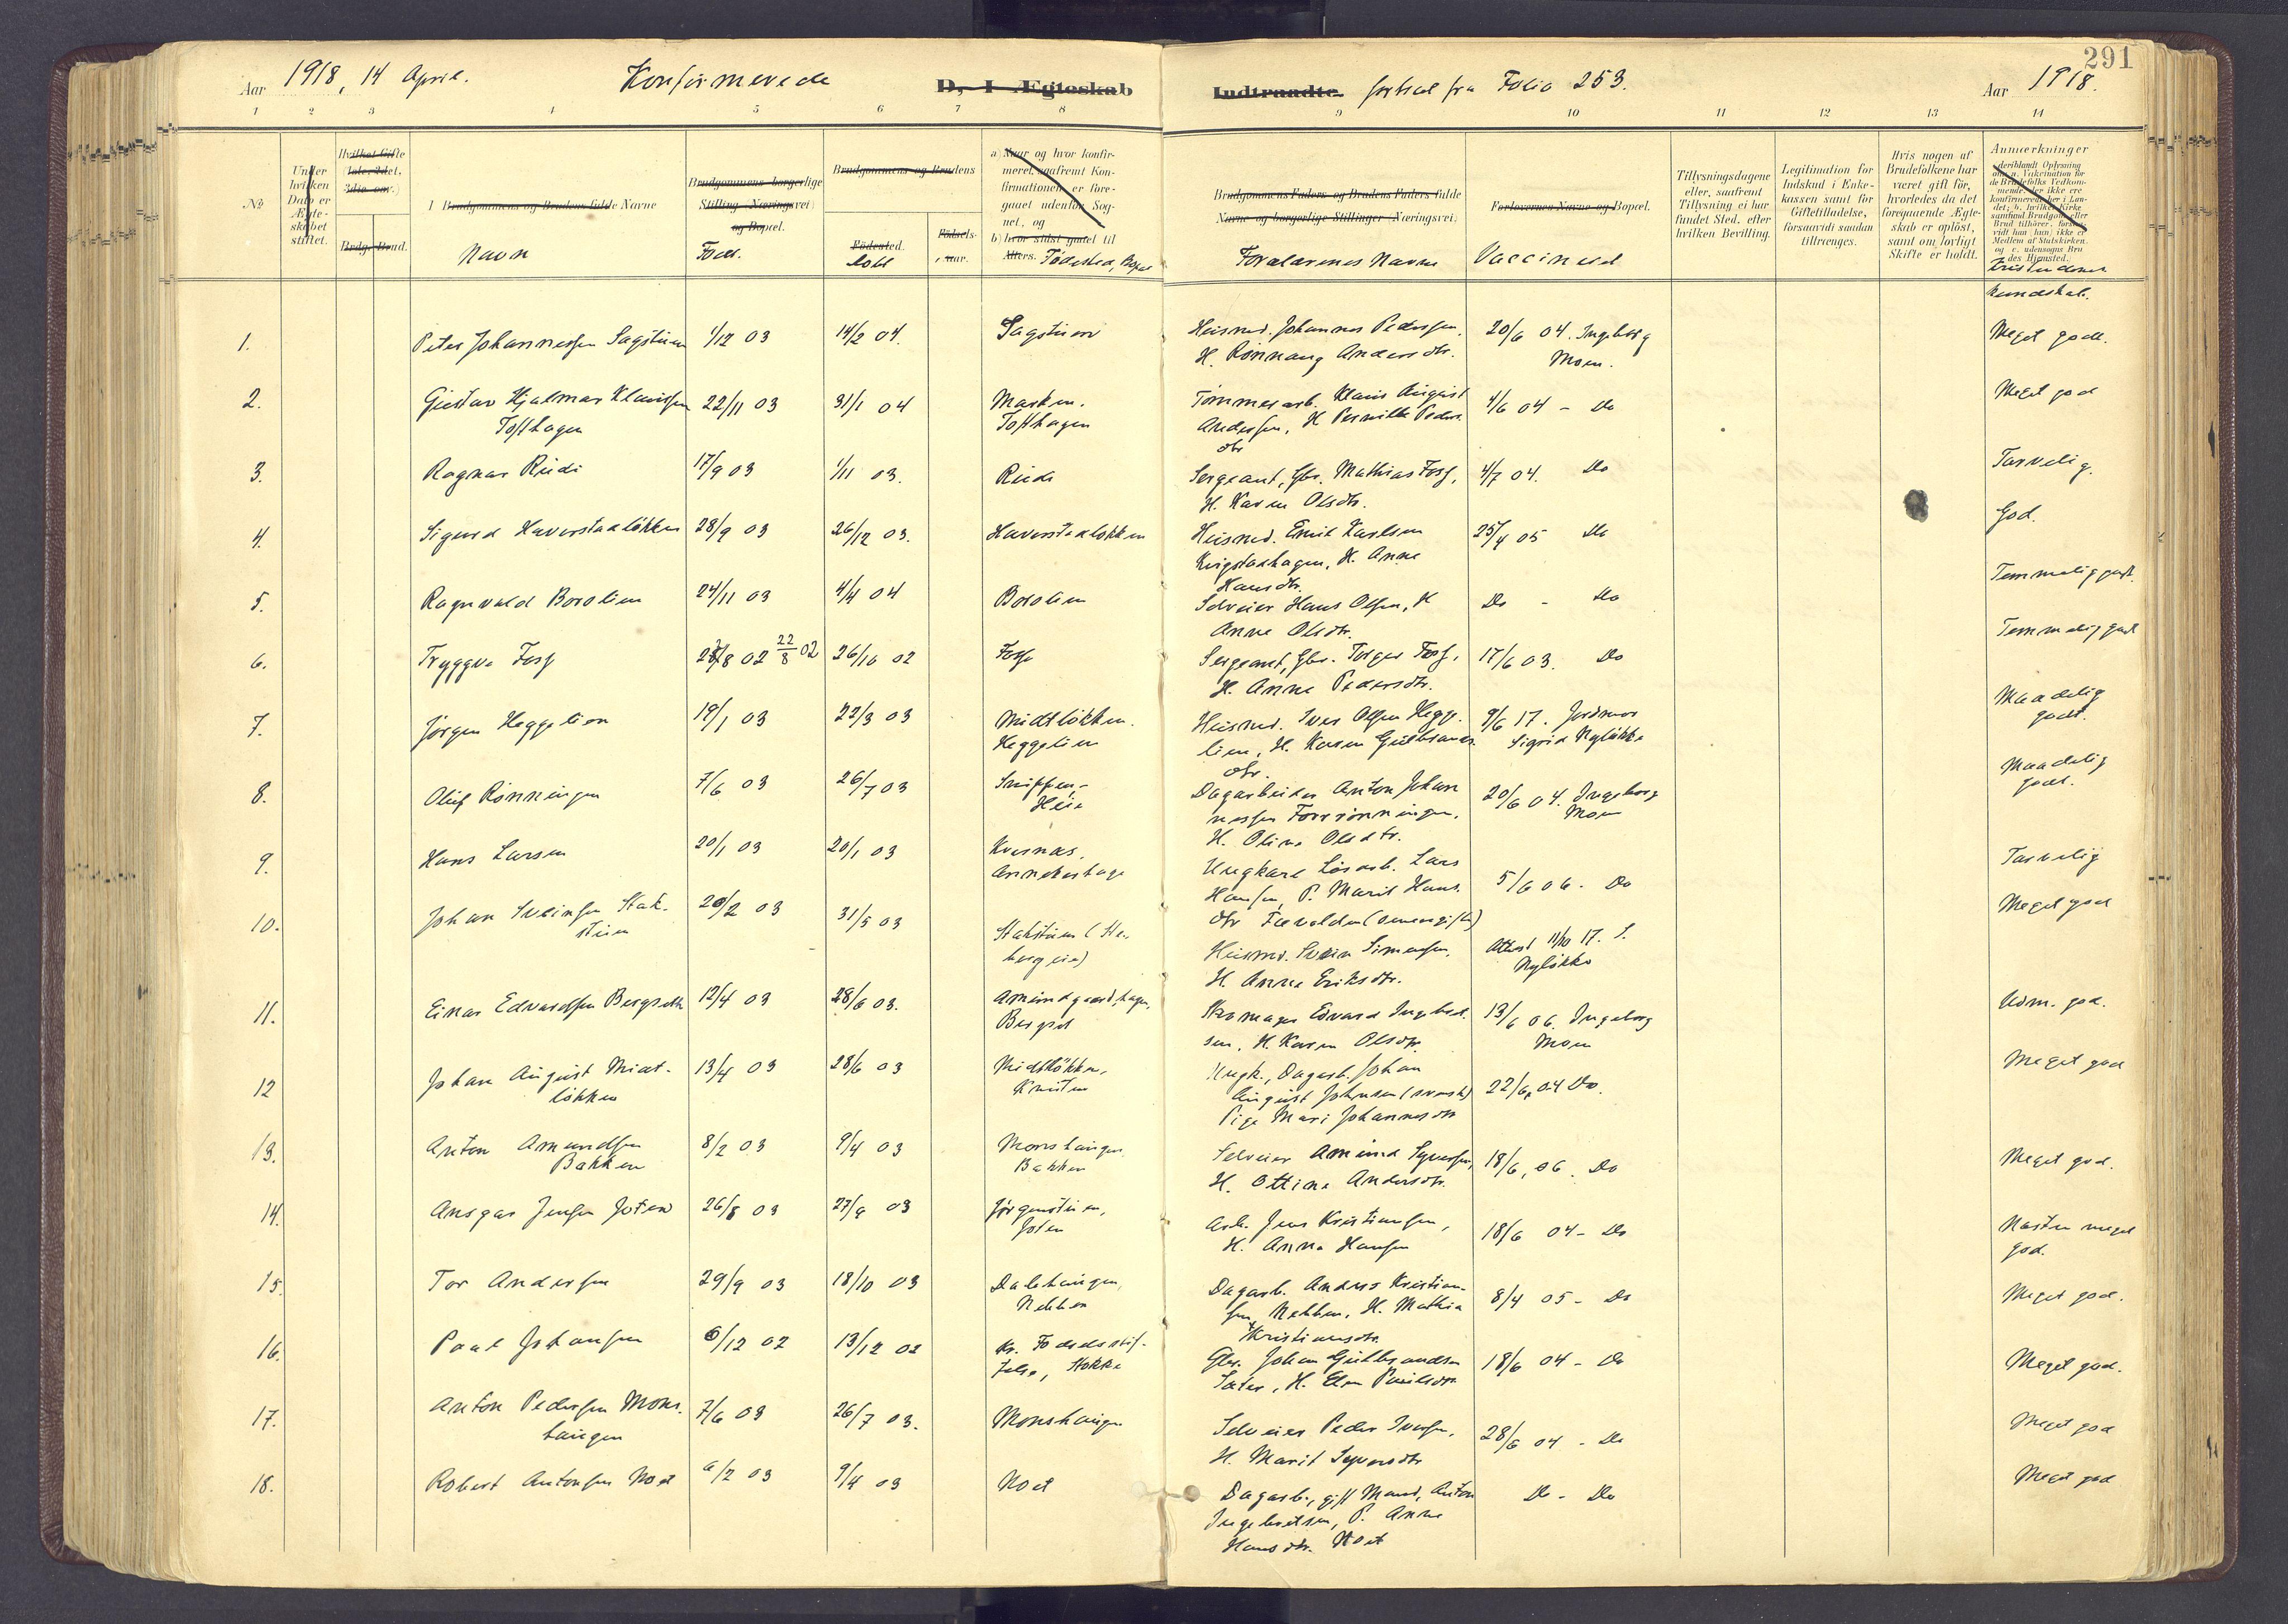 SAH, Sør-Fron prestekontor, H/Ha/Haa/L0004: Ministerialbok nr. 4, 1898-1919, s. 291